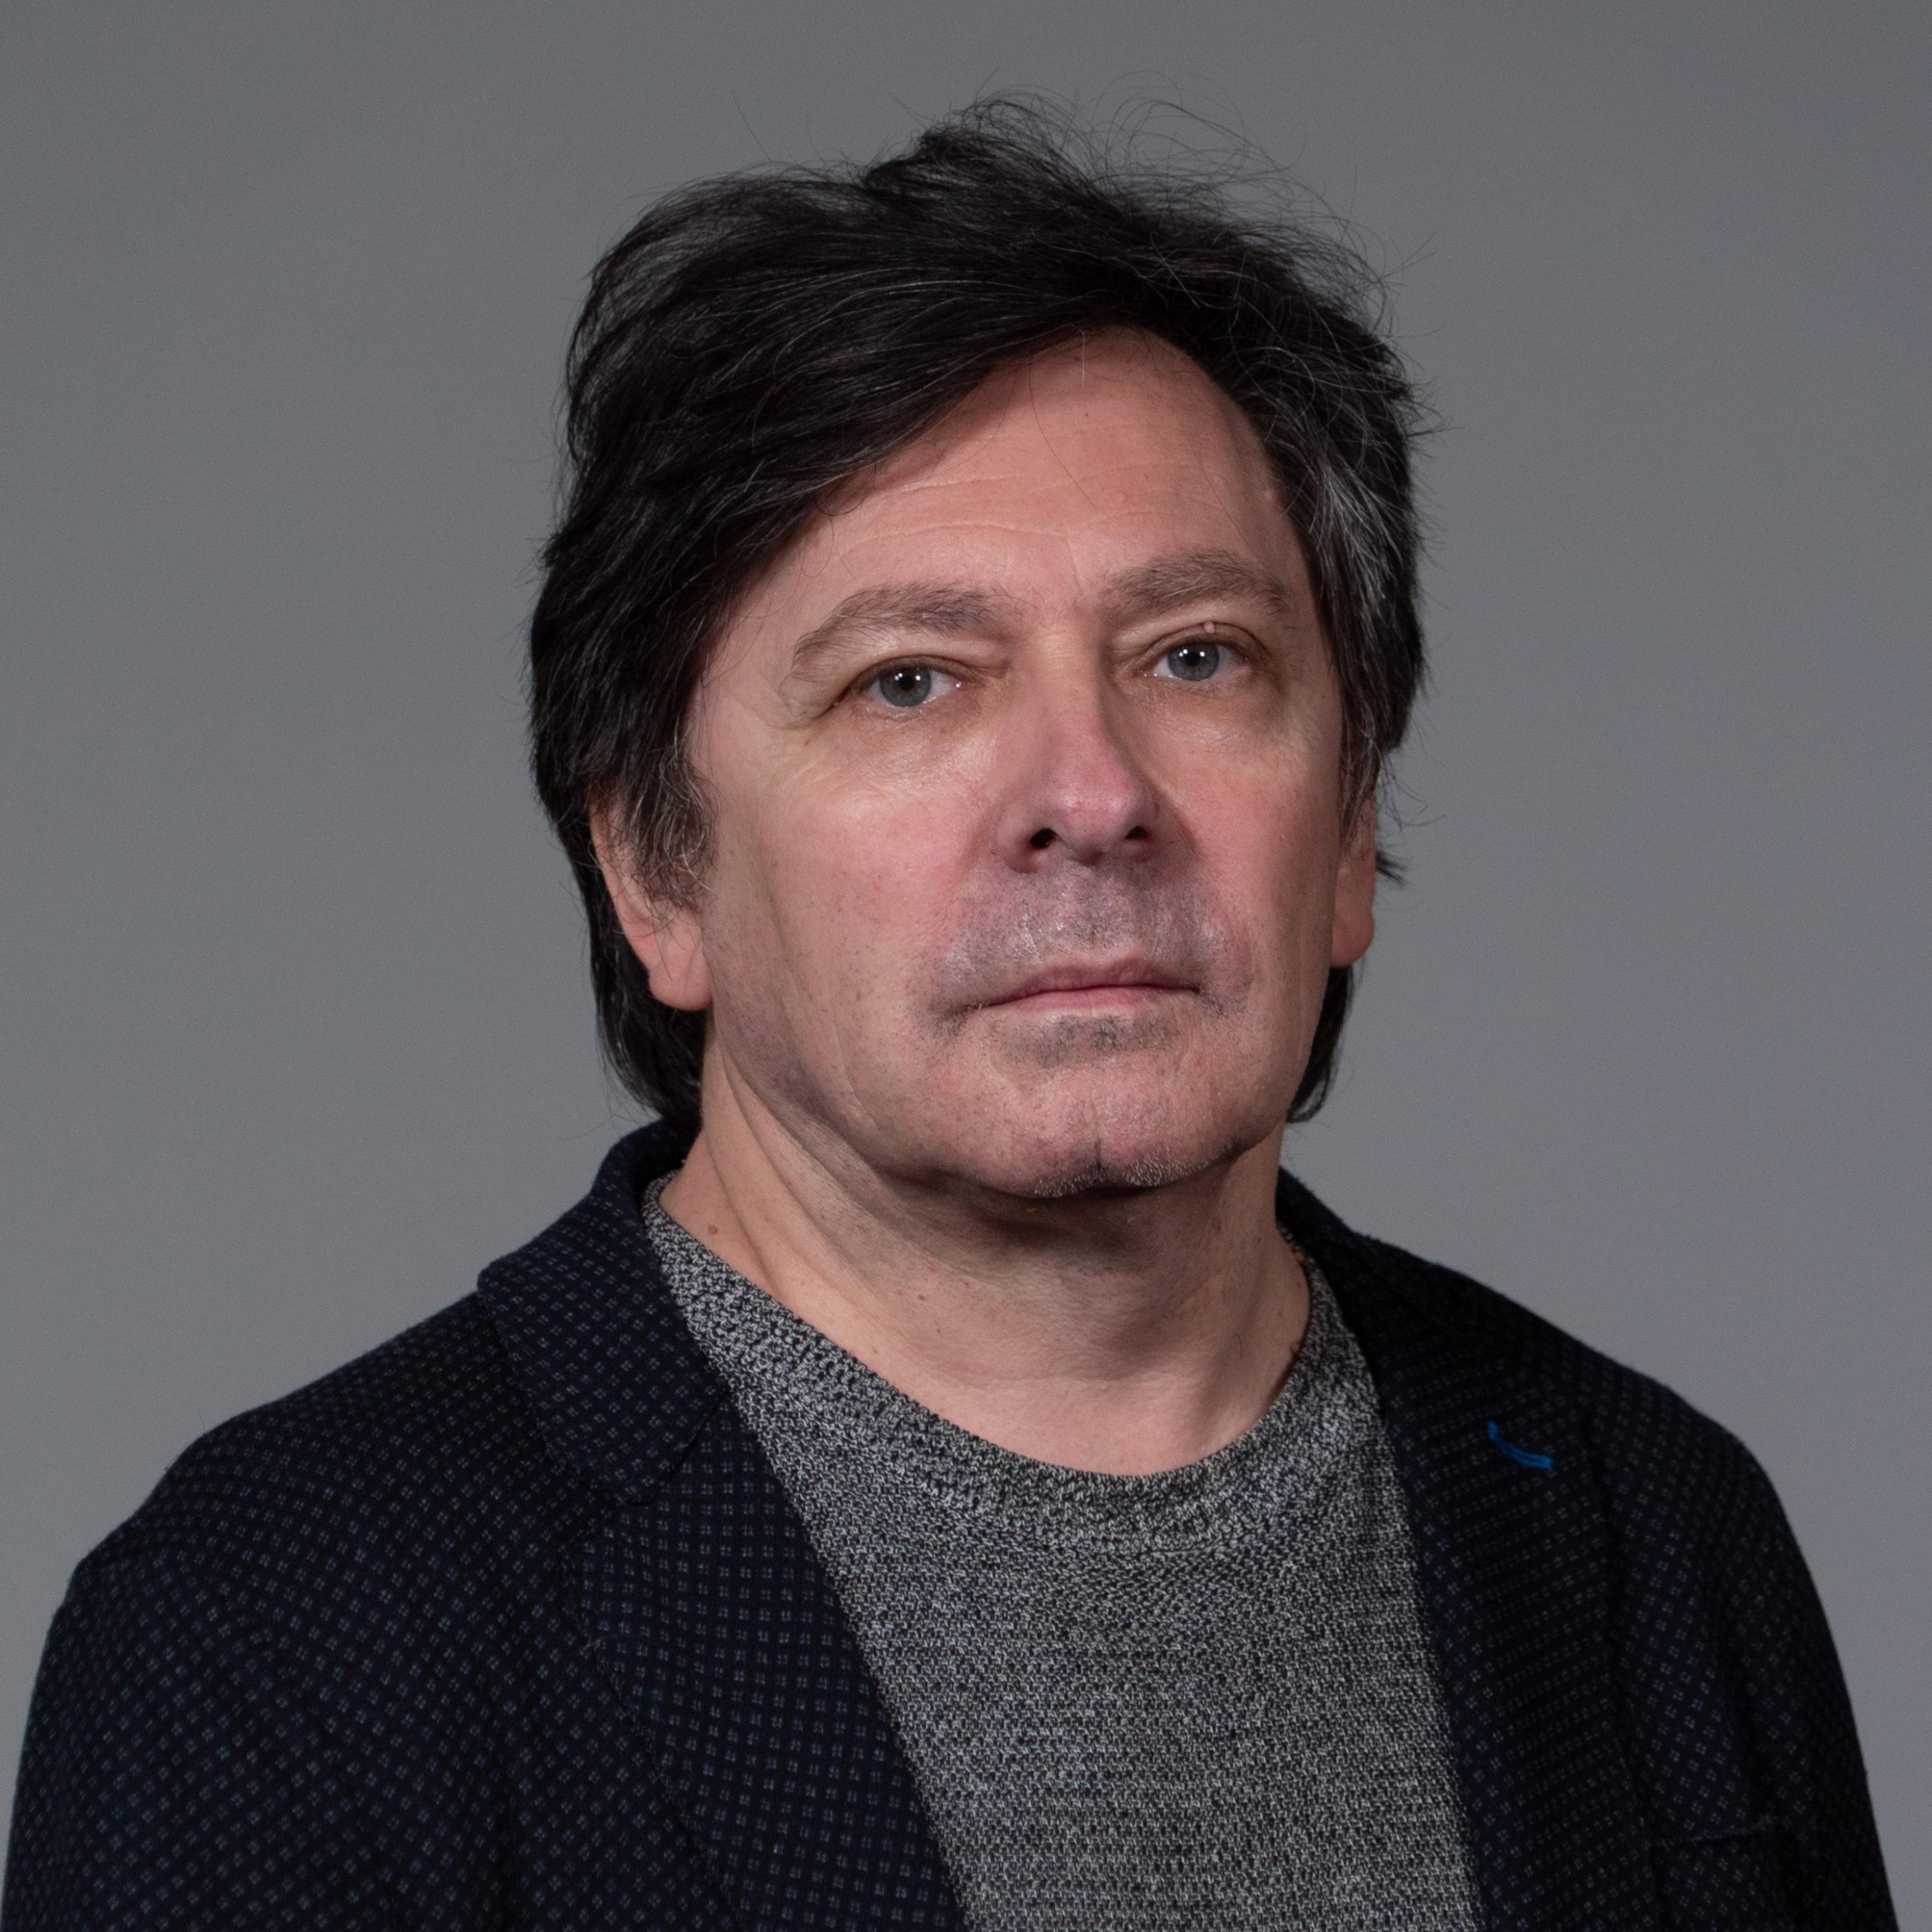 Комиссаров Константин Вячеславович